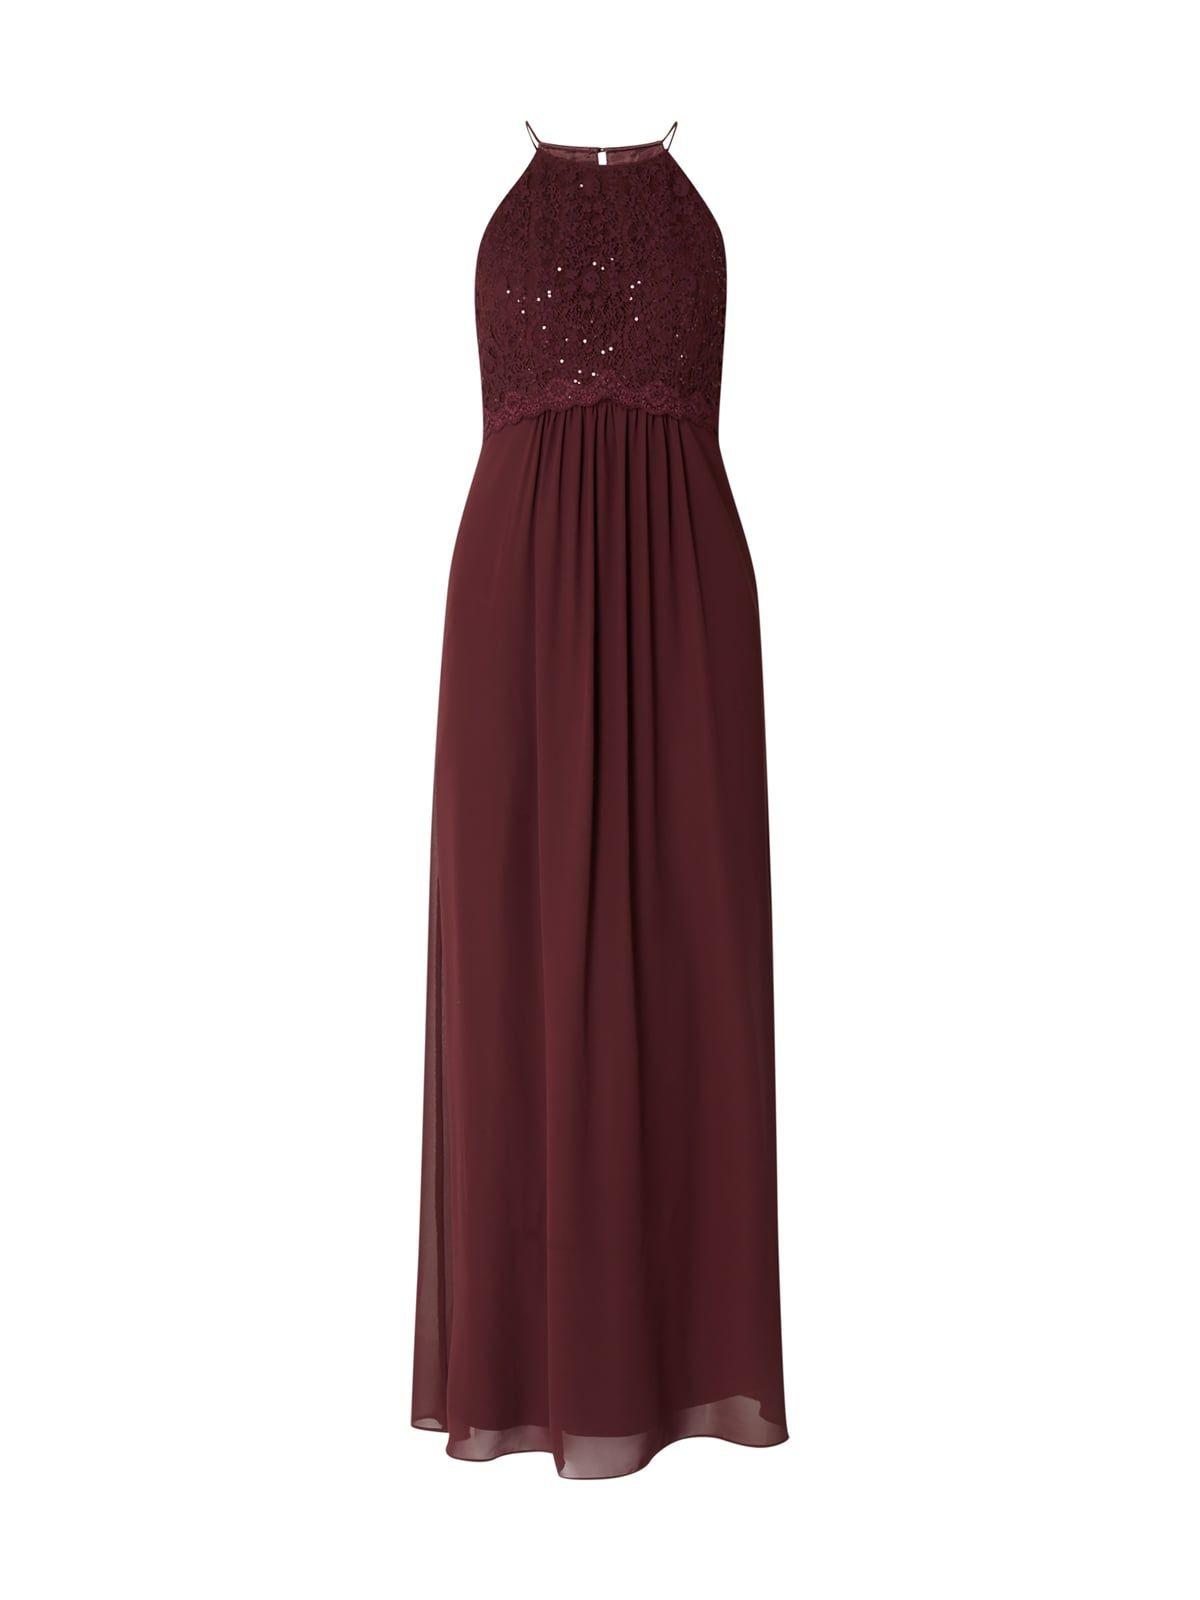 17 Elegant Jakes Abendkleid StylishAbend Luxurius Jakes Abendkleid Vertrieb